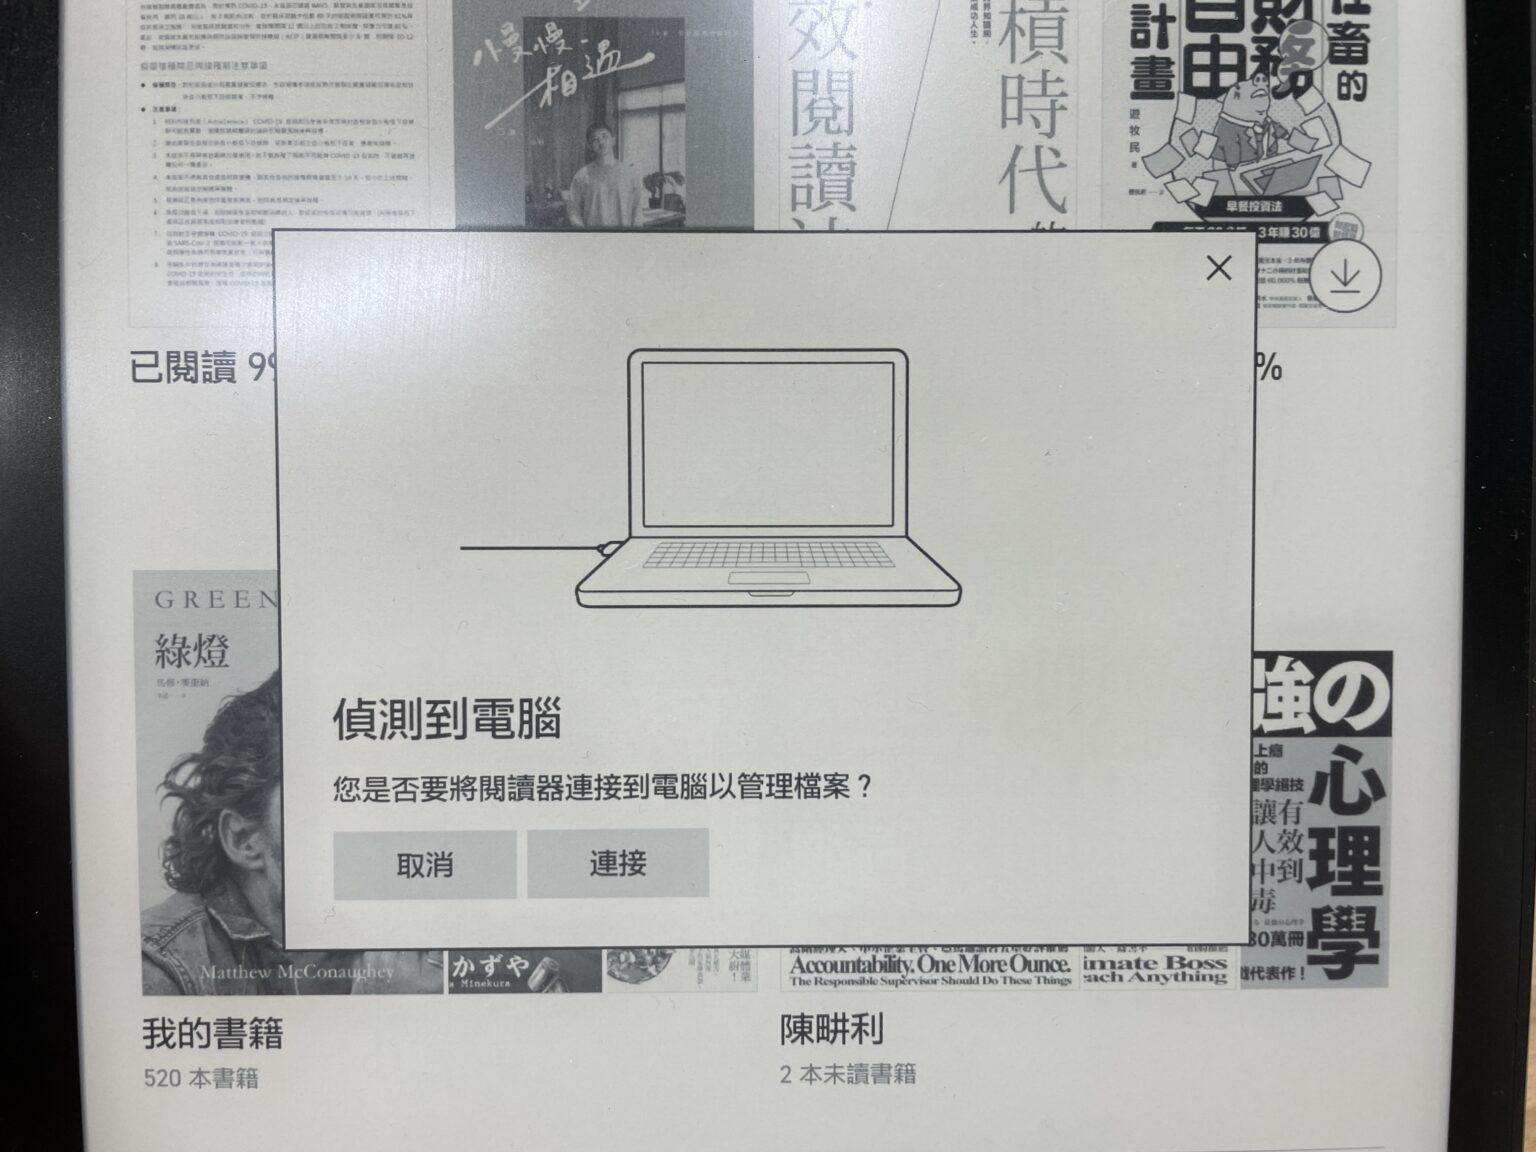 偵測到電腦